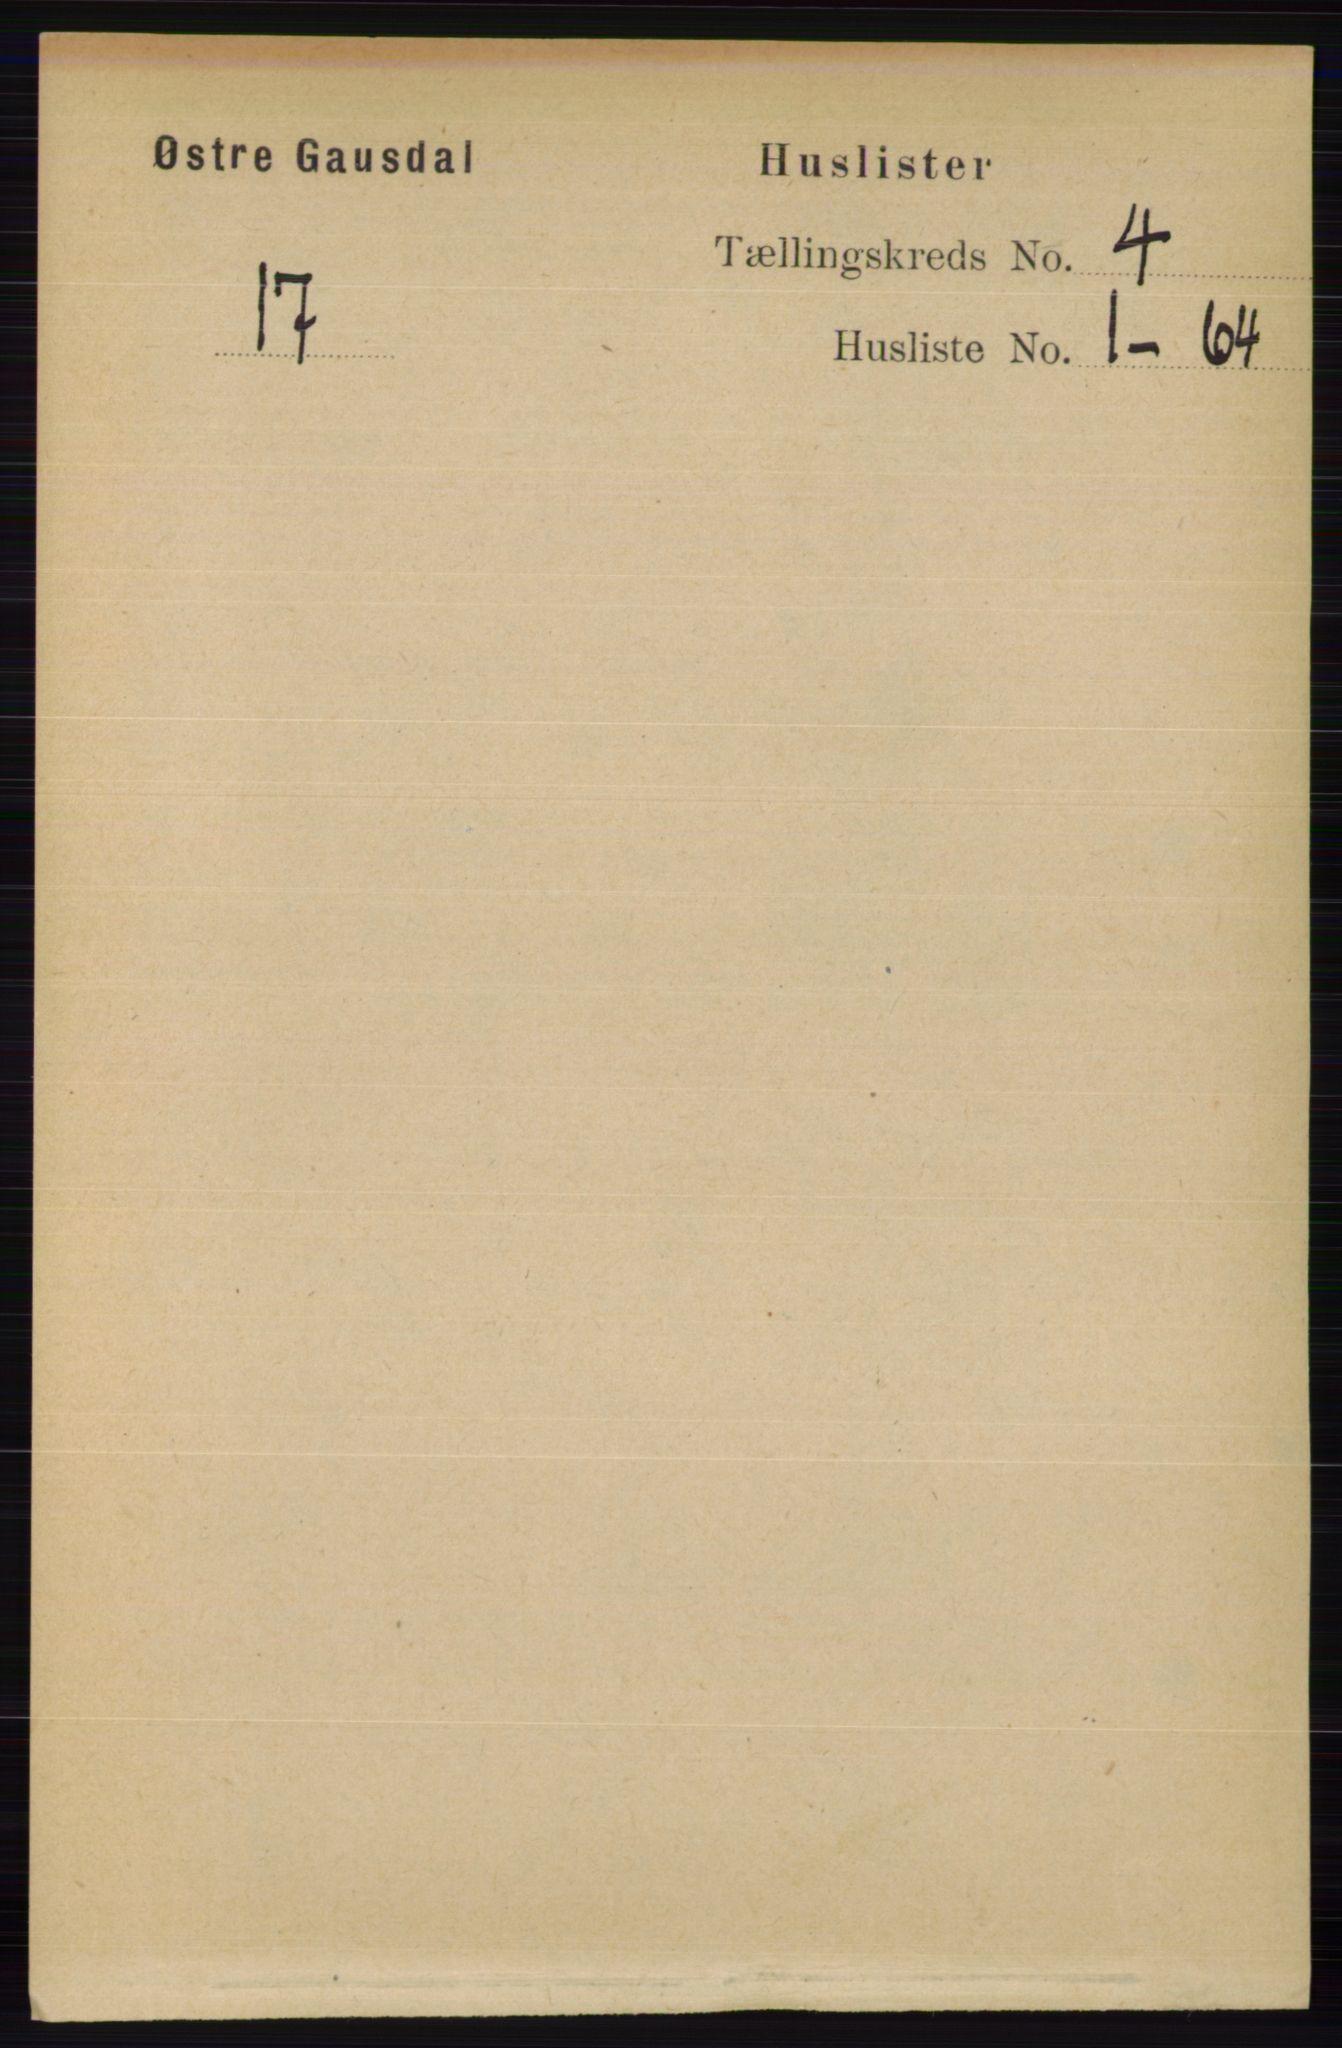 RA, Folketelling 1891 for 0522 Østre Gausdal herred, 1891, s. 2379